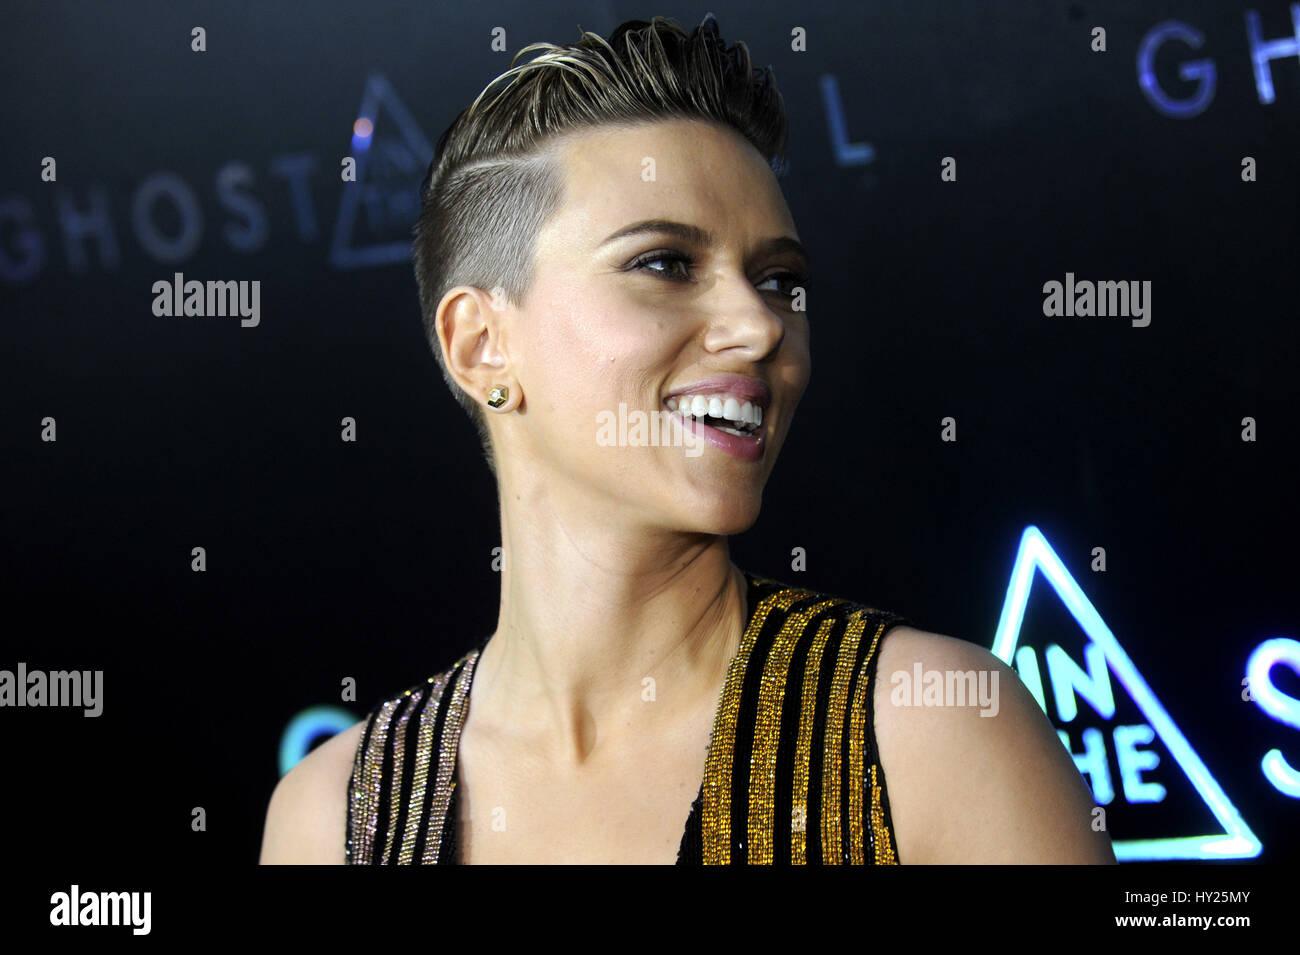 La città di New York. 29 Mar, 2017. Scarlett Johansson assiste il 'Ghost in the Shell' premiere a AMC Immagini Stock